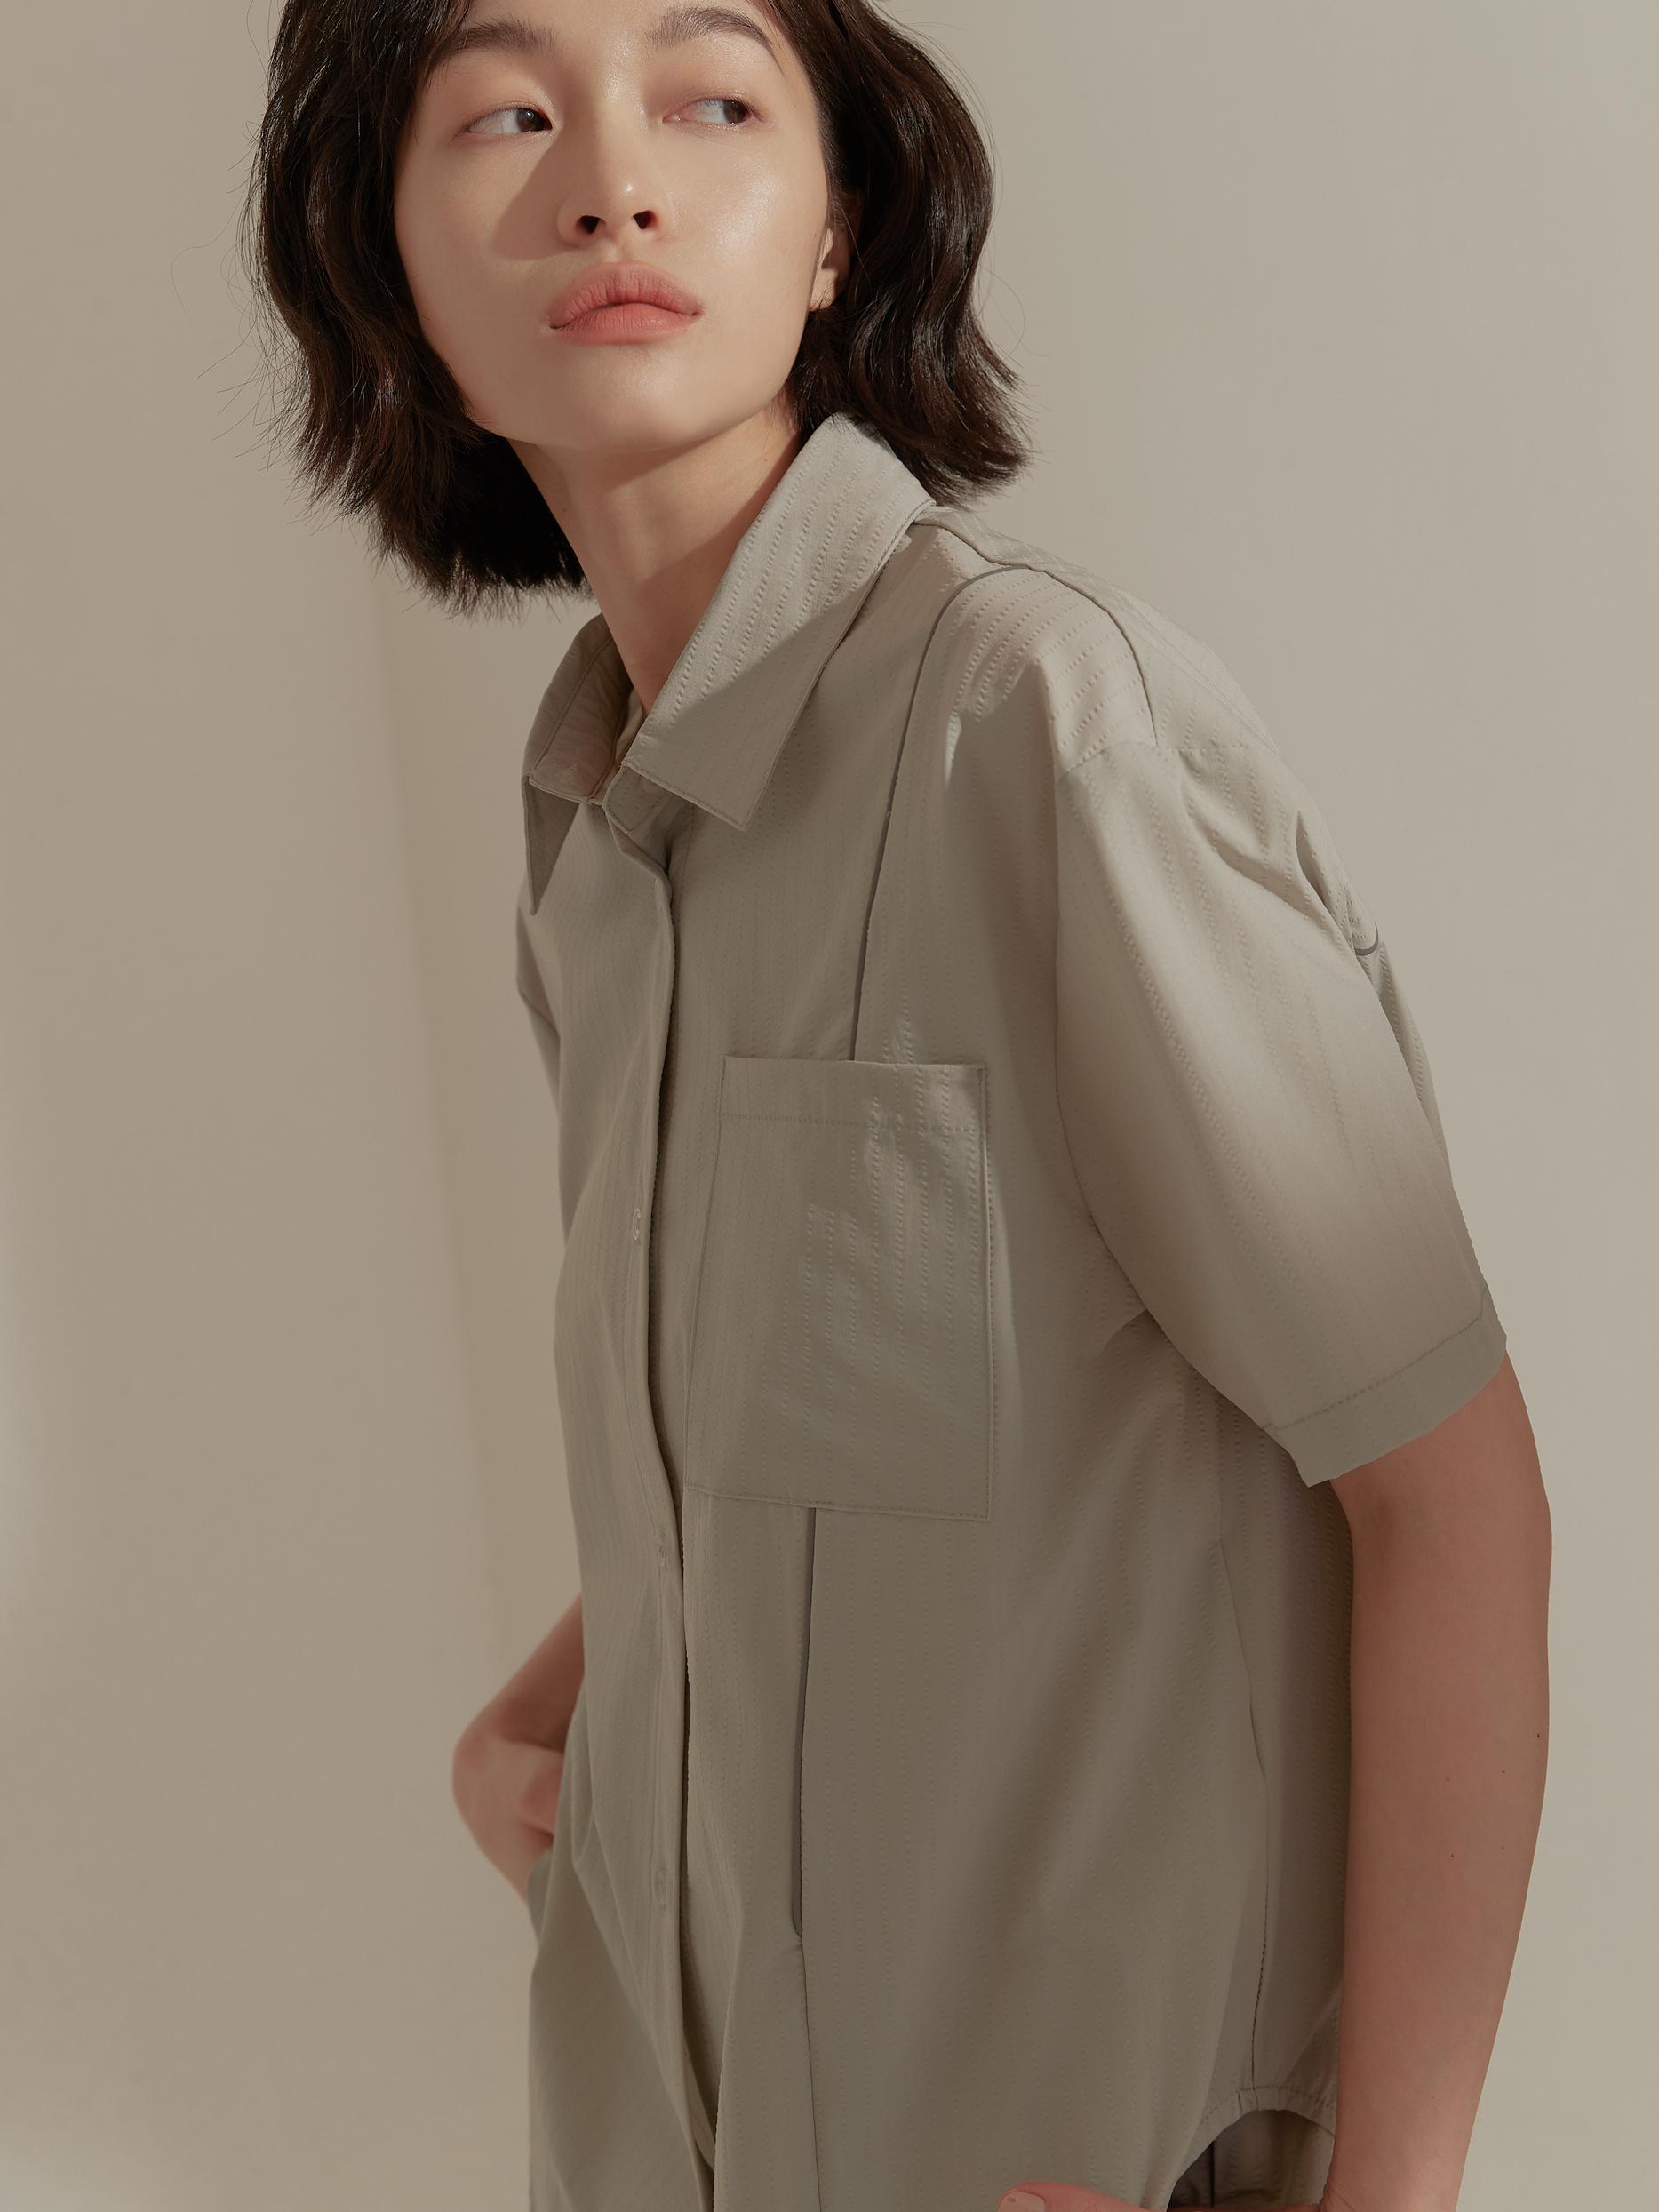 出芽細節五分袖襯衫-mouggan